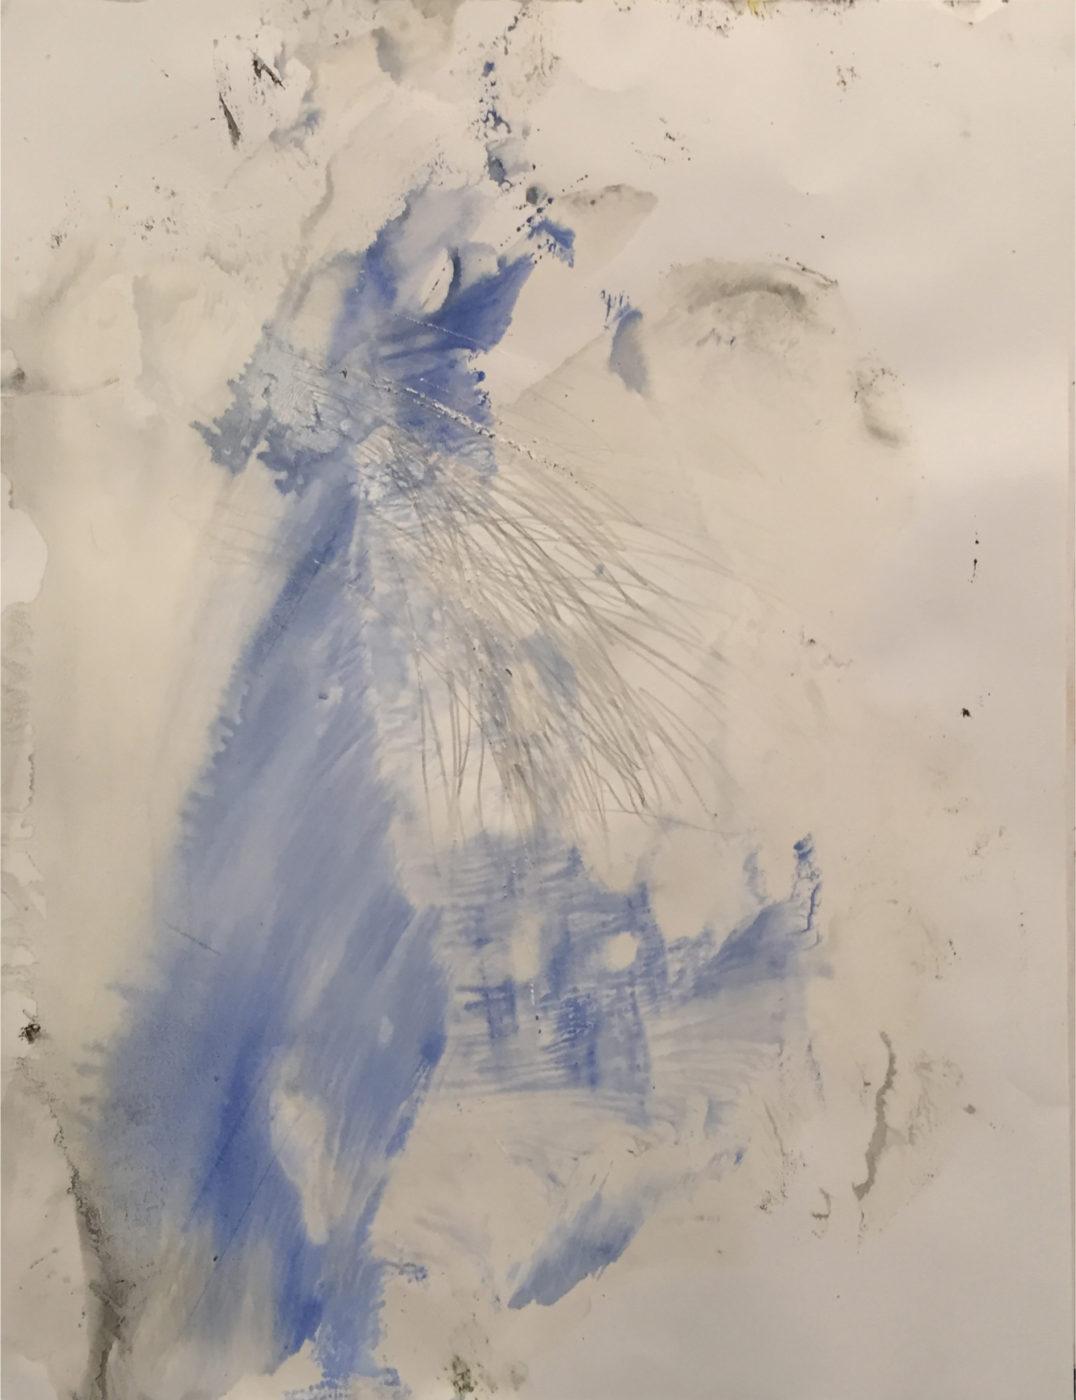 MARC FELD 2016 BIRD  Gouache mine de plomb et eau de javel sur papier 50 x 65 cm